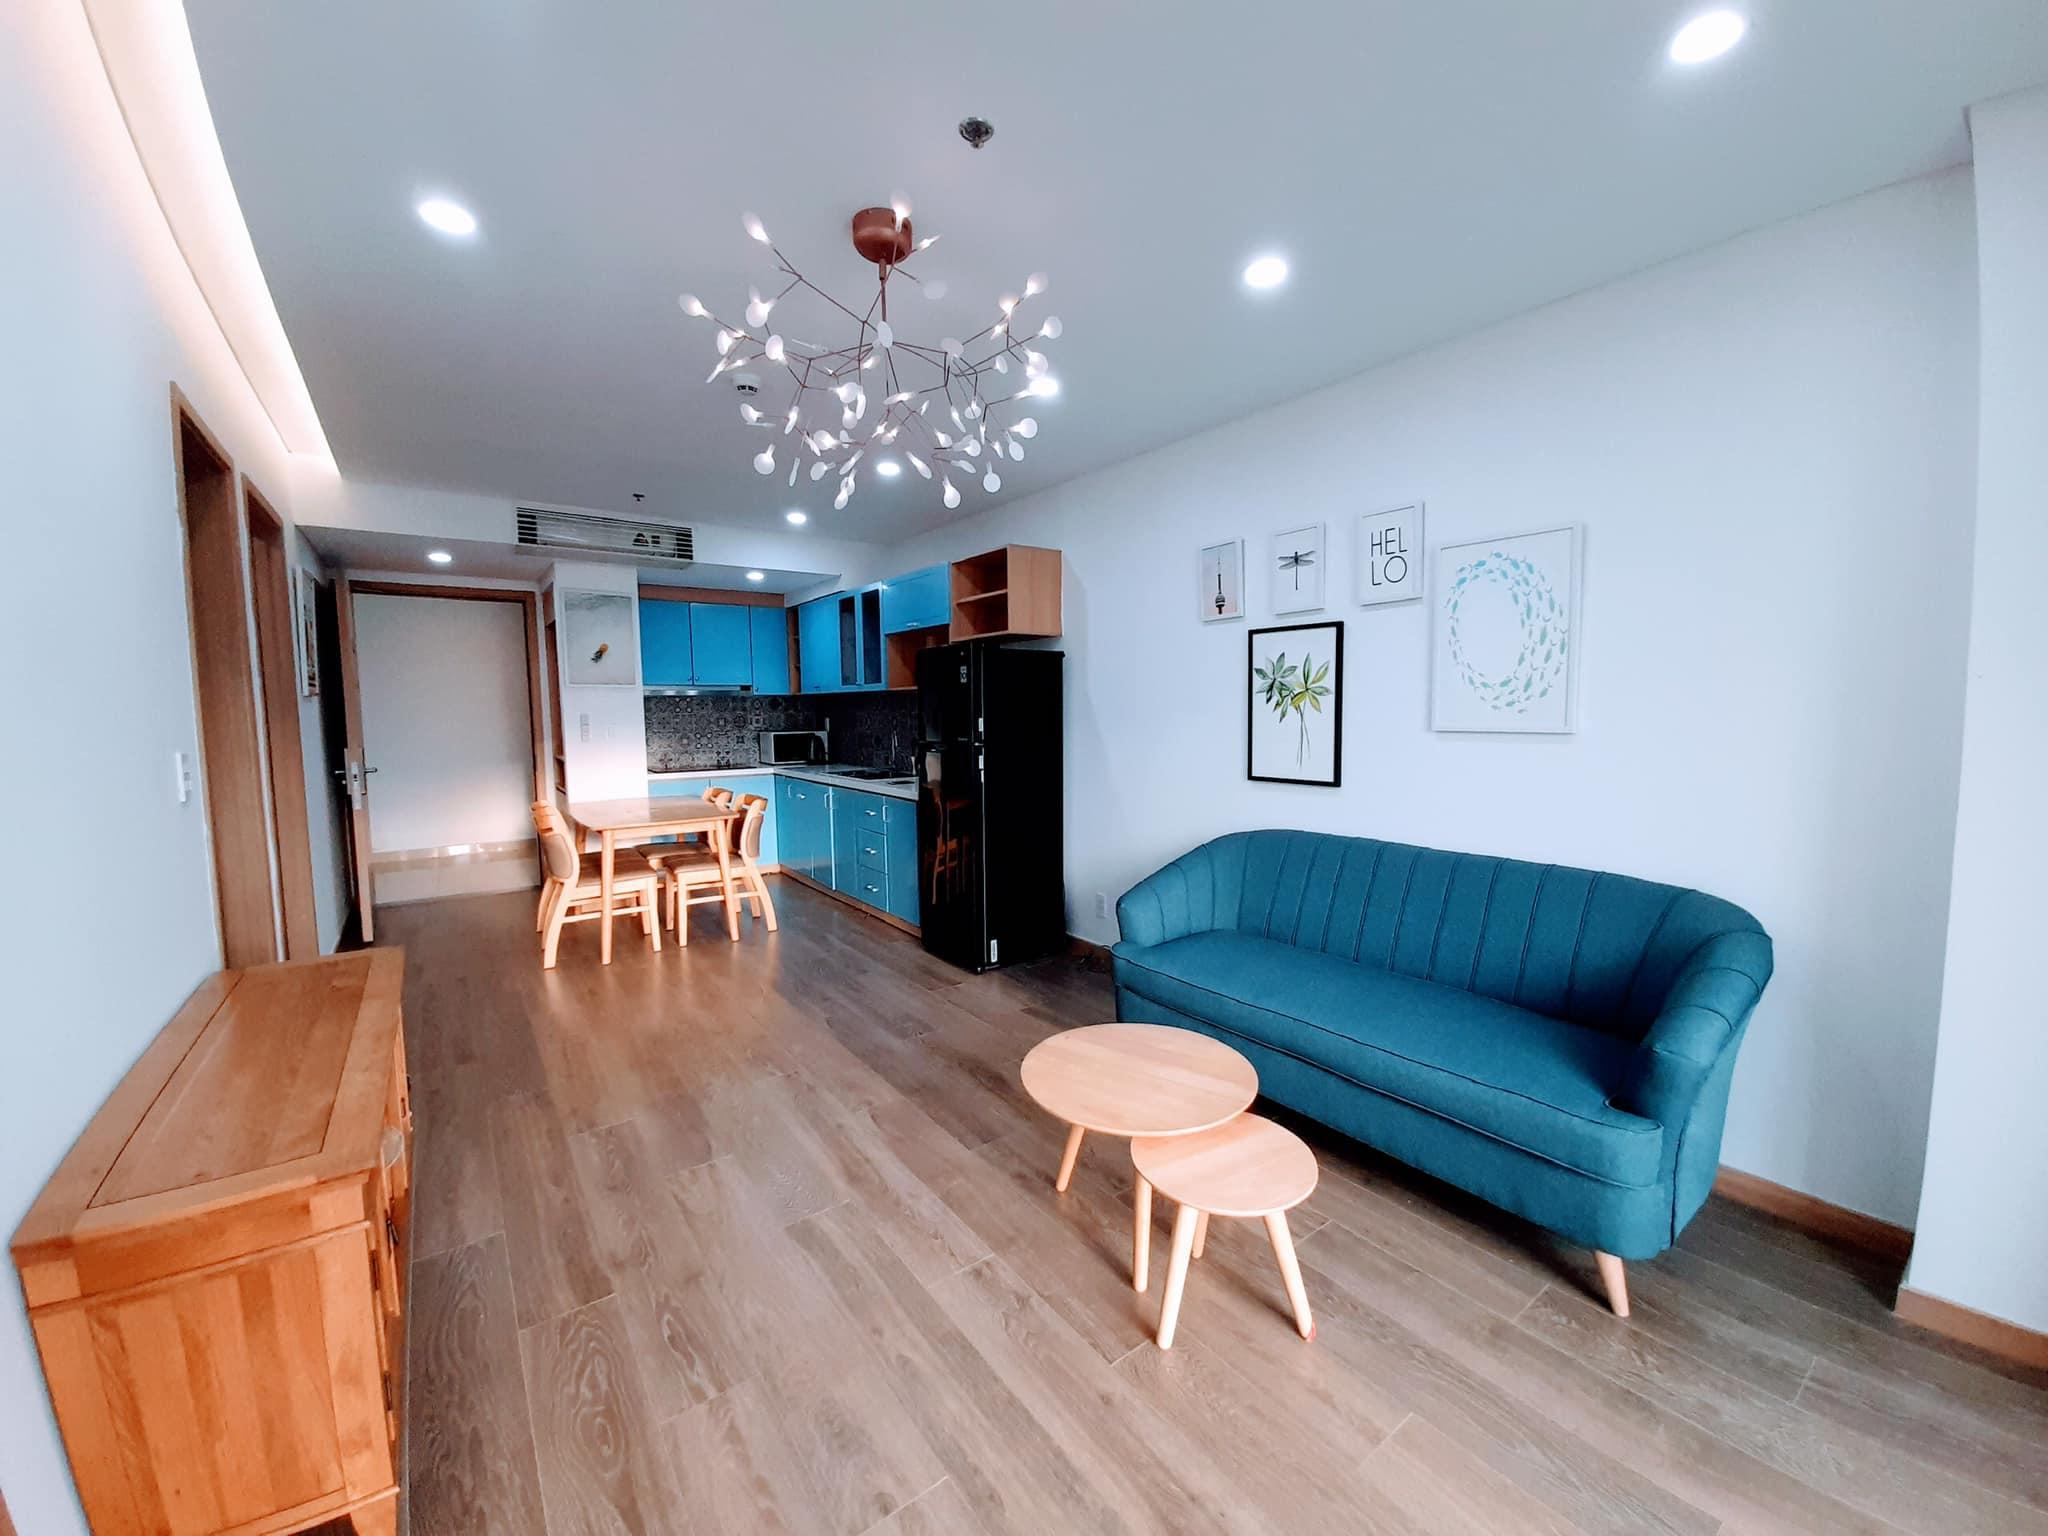 Cho thuê Căn hộ chung cư dự án Khu căn hộ F.Home, Diện tích 64m², Giá Thương lượng - LH: 0328002428